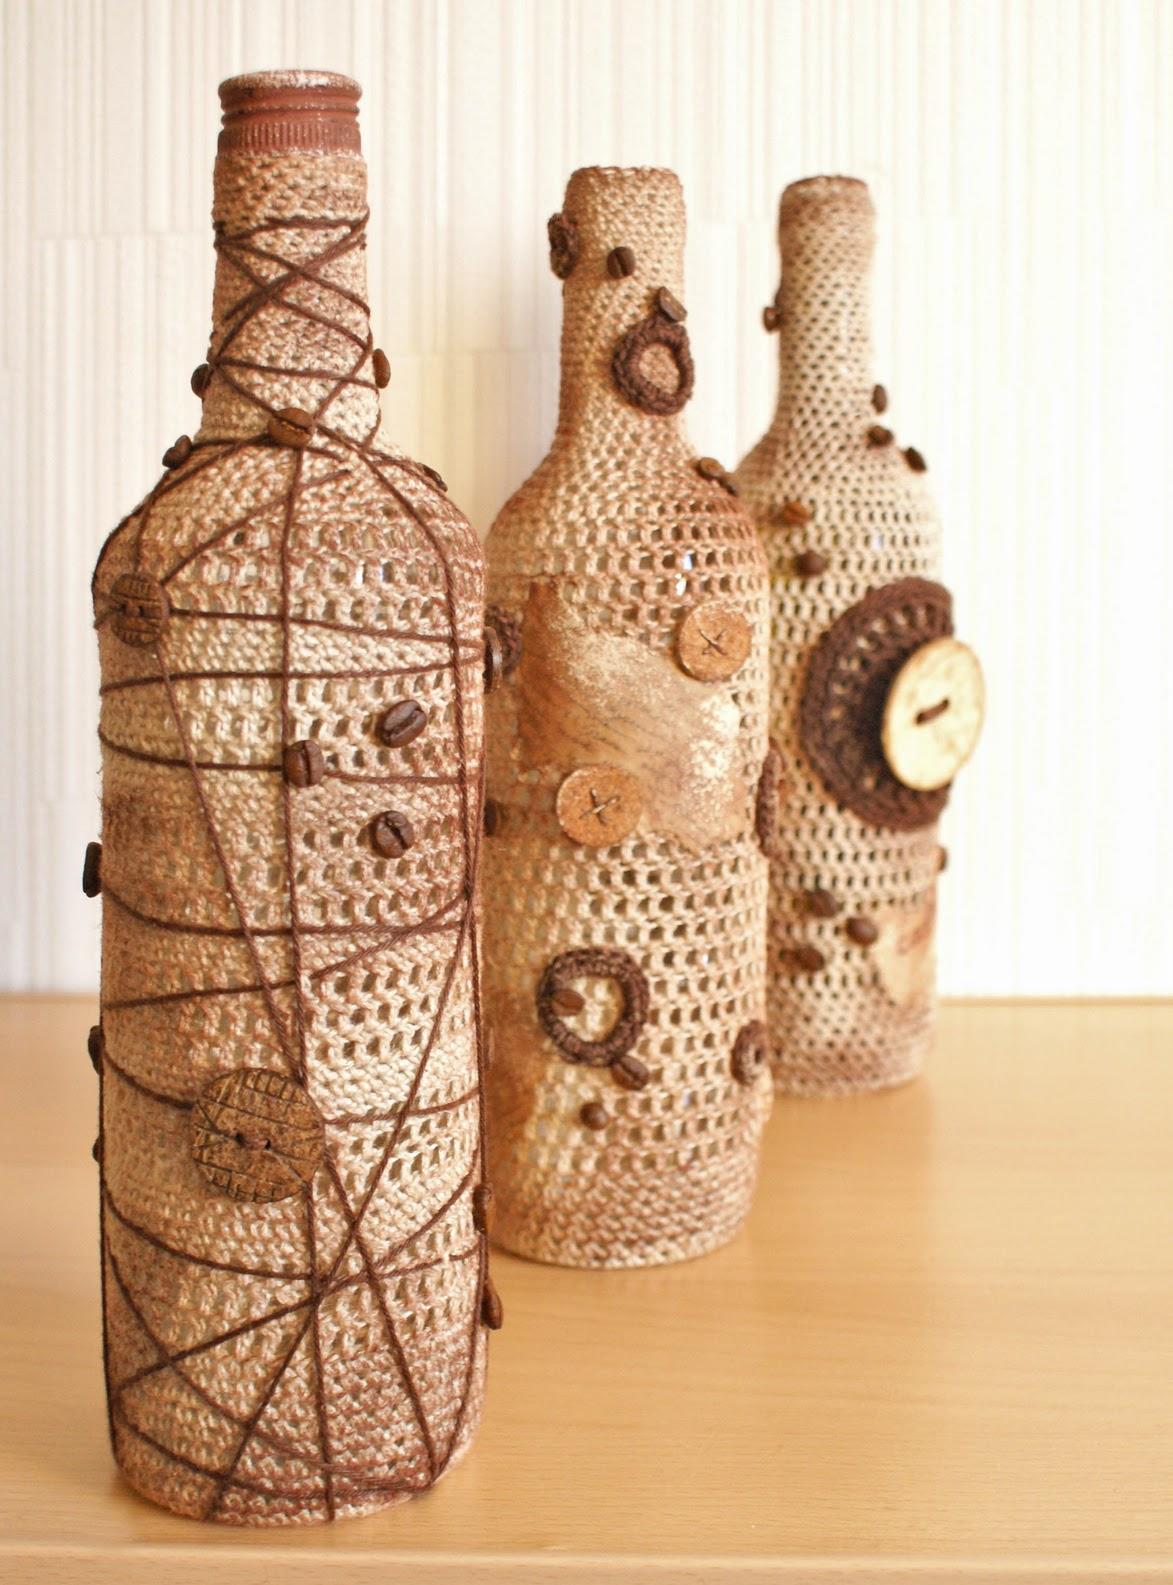 Hiasan botol untuk mengemas kini pedalaman